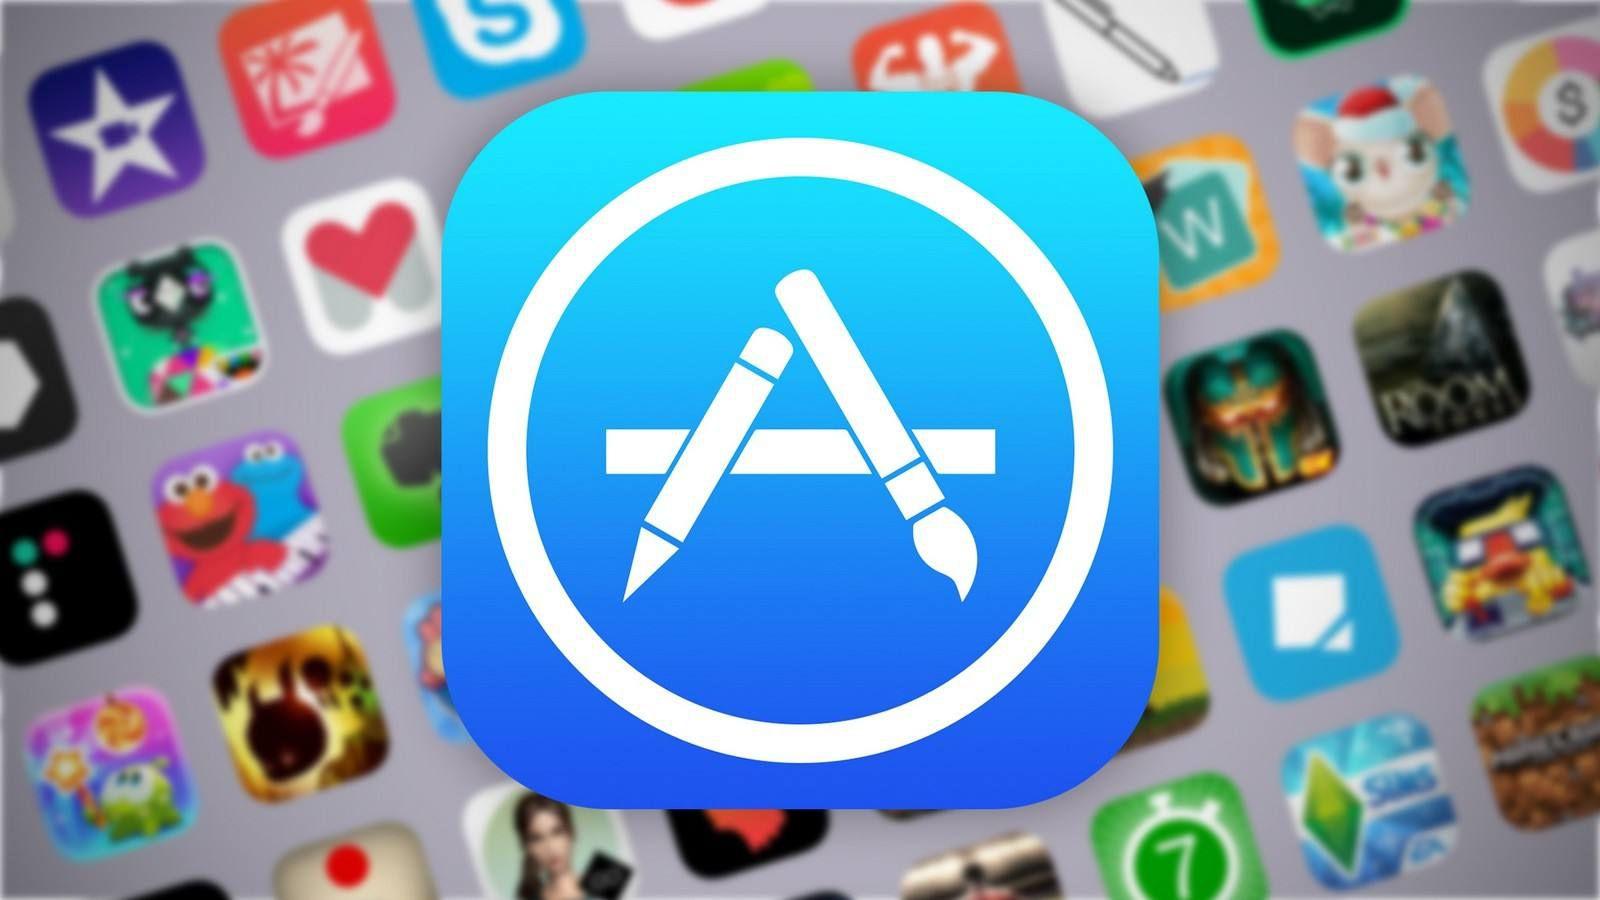 被下架or被推荐 只在App版本更新的一念之间